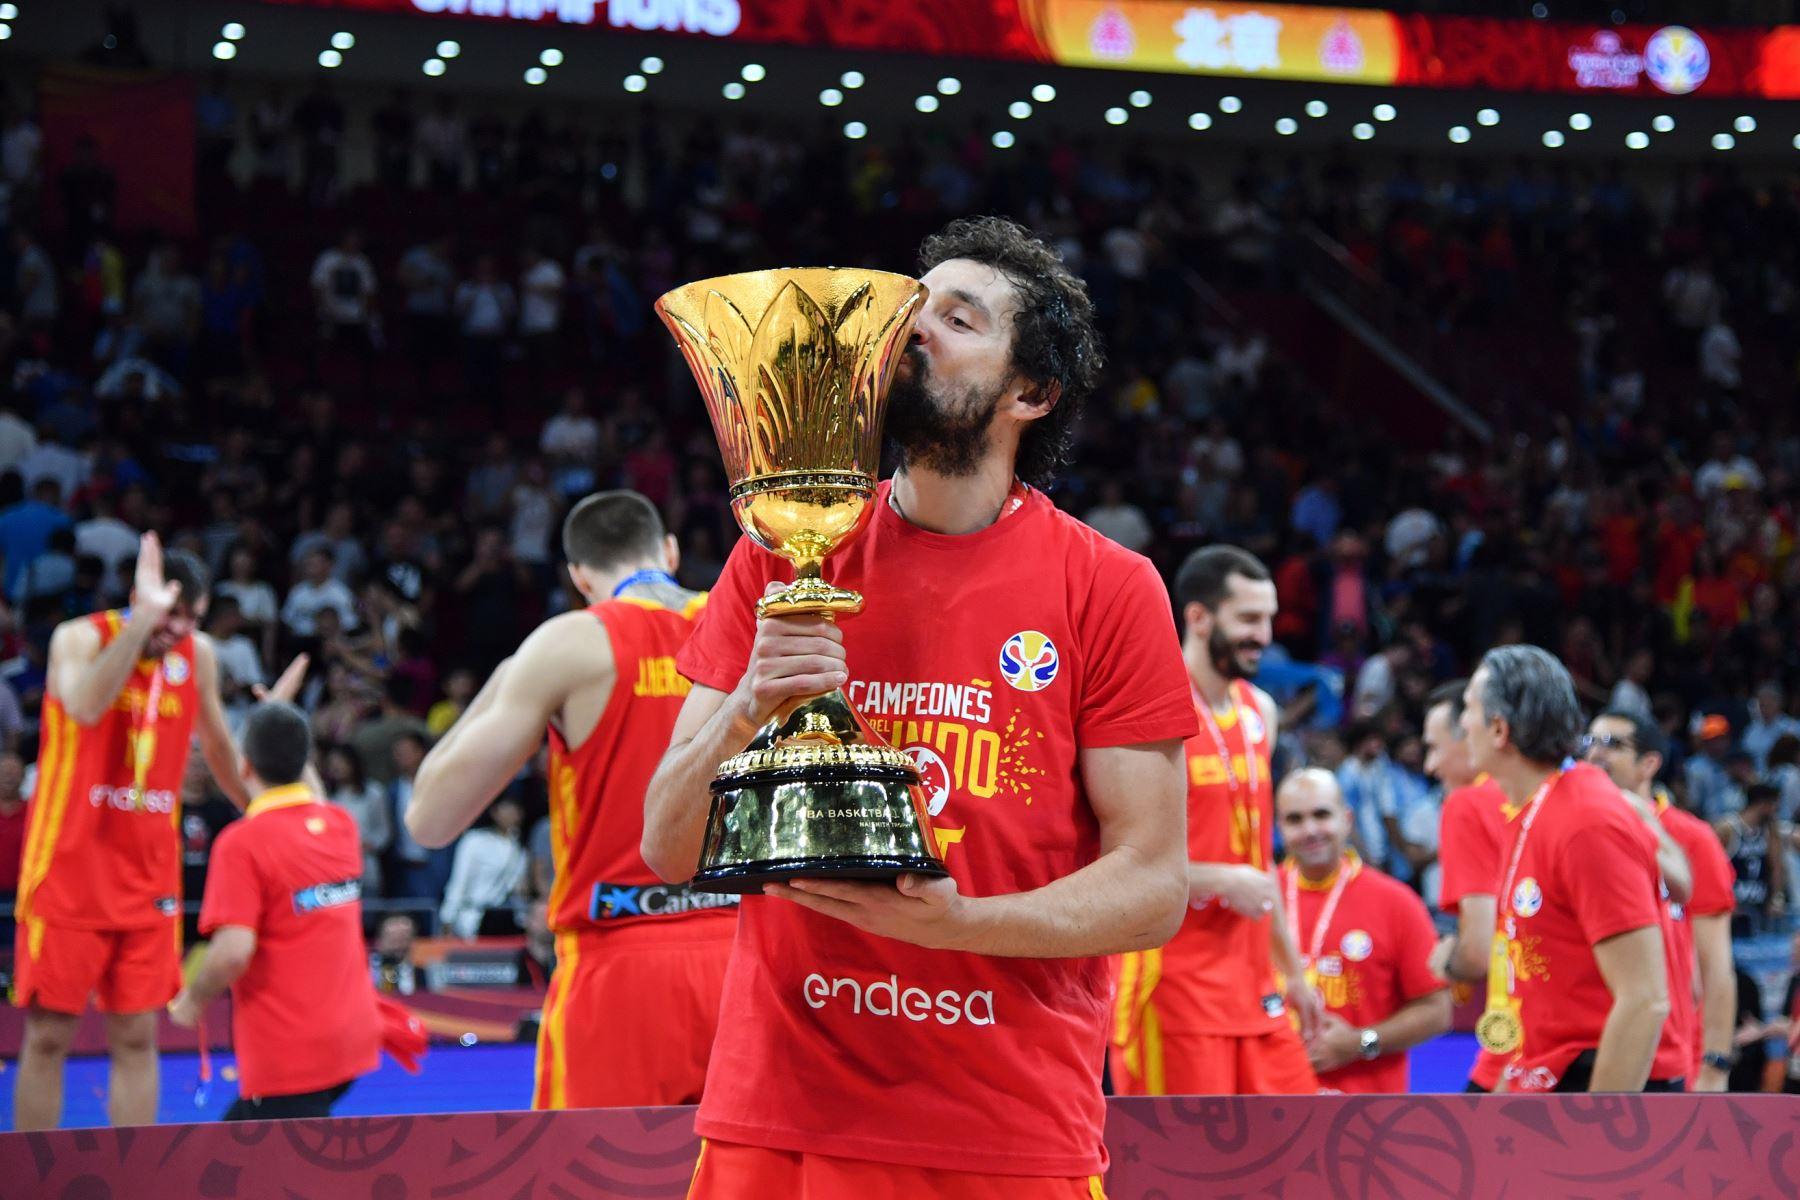 Sergio Llull  del Equipo España celebra después del partido contra el Equipo Argentina durante las Finales de la Copa Mundial FIBA 2019 en el Cadillac Arena en China. Foto: AFP